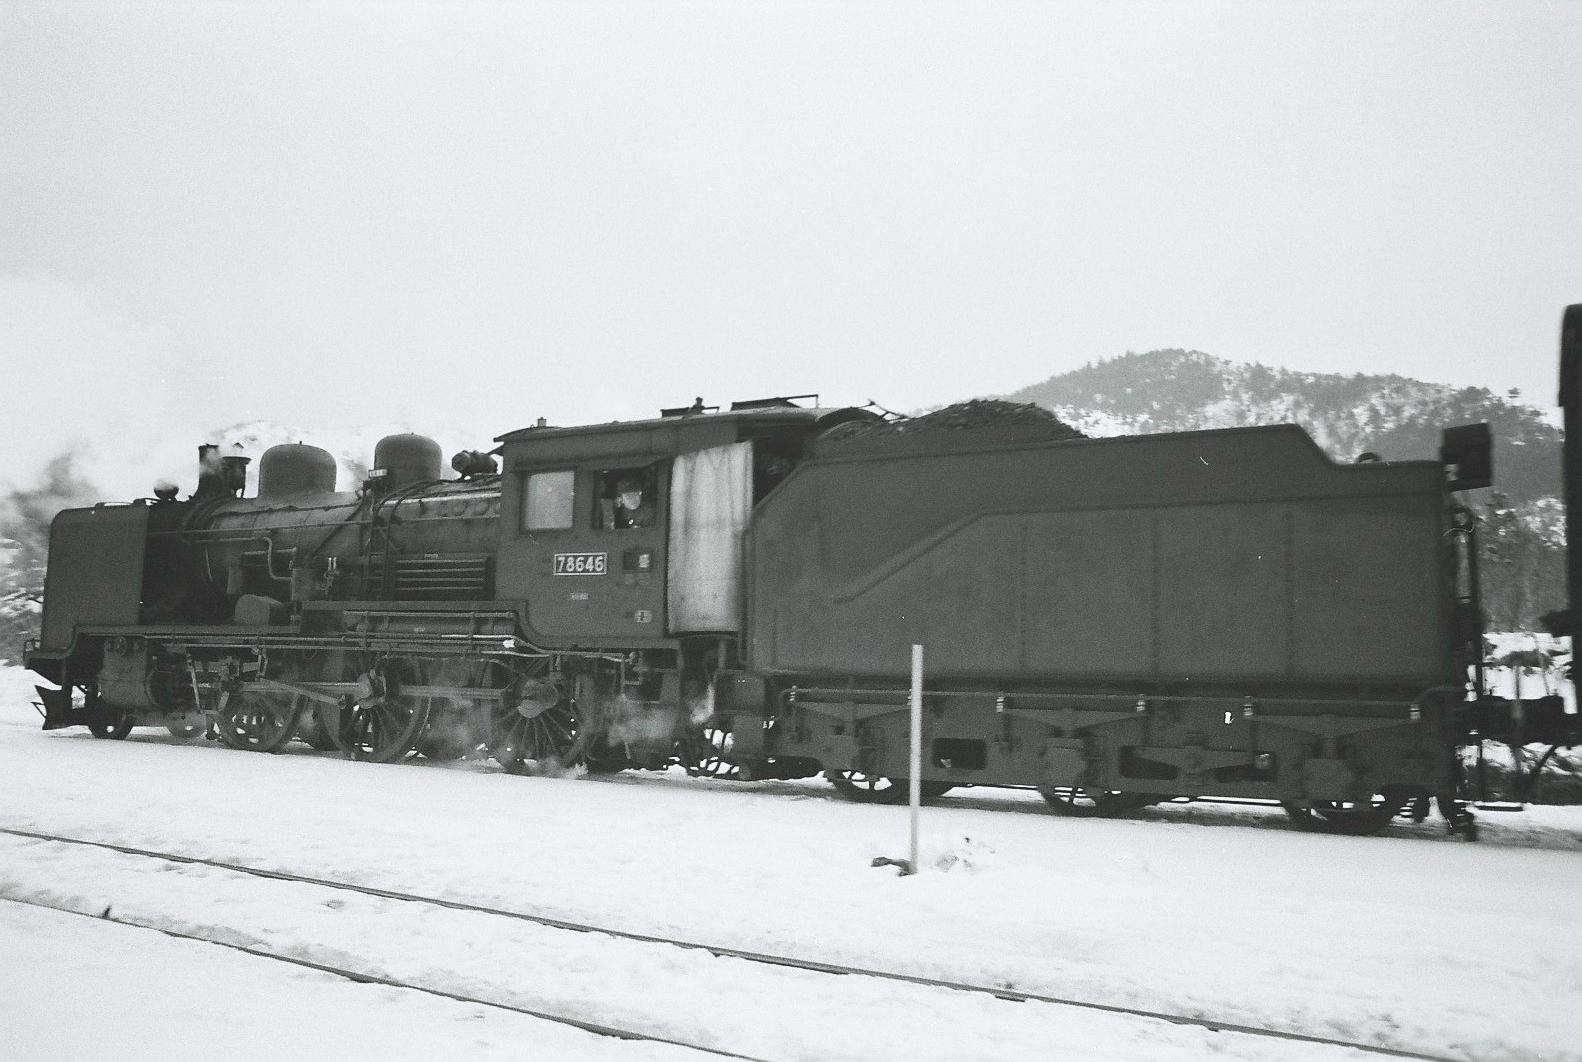 花輪線の龍ヶ森駅(現:安比高原駅)にて撮影された、盛岡機関区所属の8620形78646号。8620形の587号機です。キャブ(運転台)にカーテンが取り付けられているのがわかります。8620形のキャブは扉がない開放型ですが、東北地方や北海道といった寒冷地での運用機には、寒さや風をしのぐためのカーテンが装着されていました。